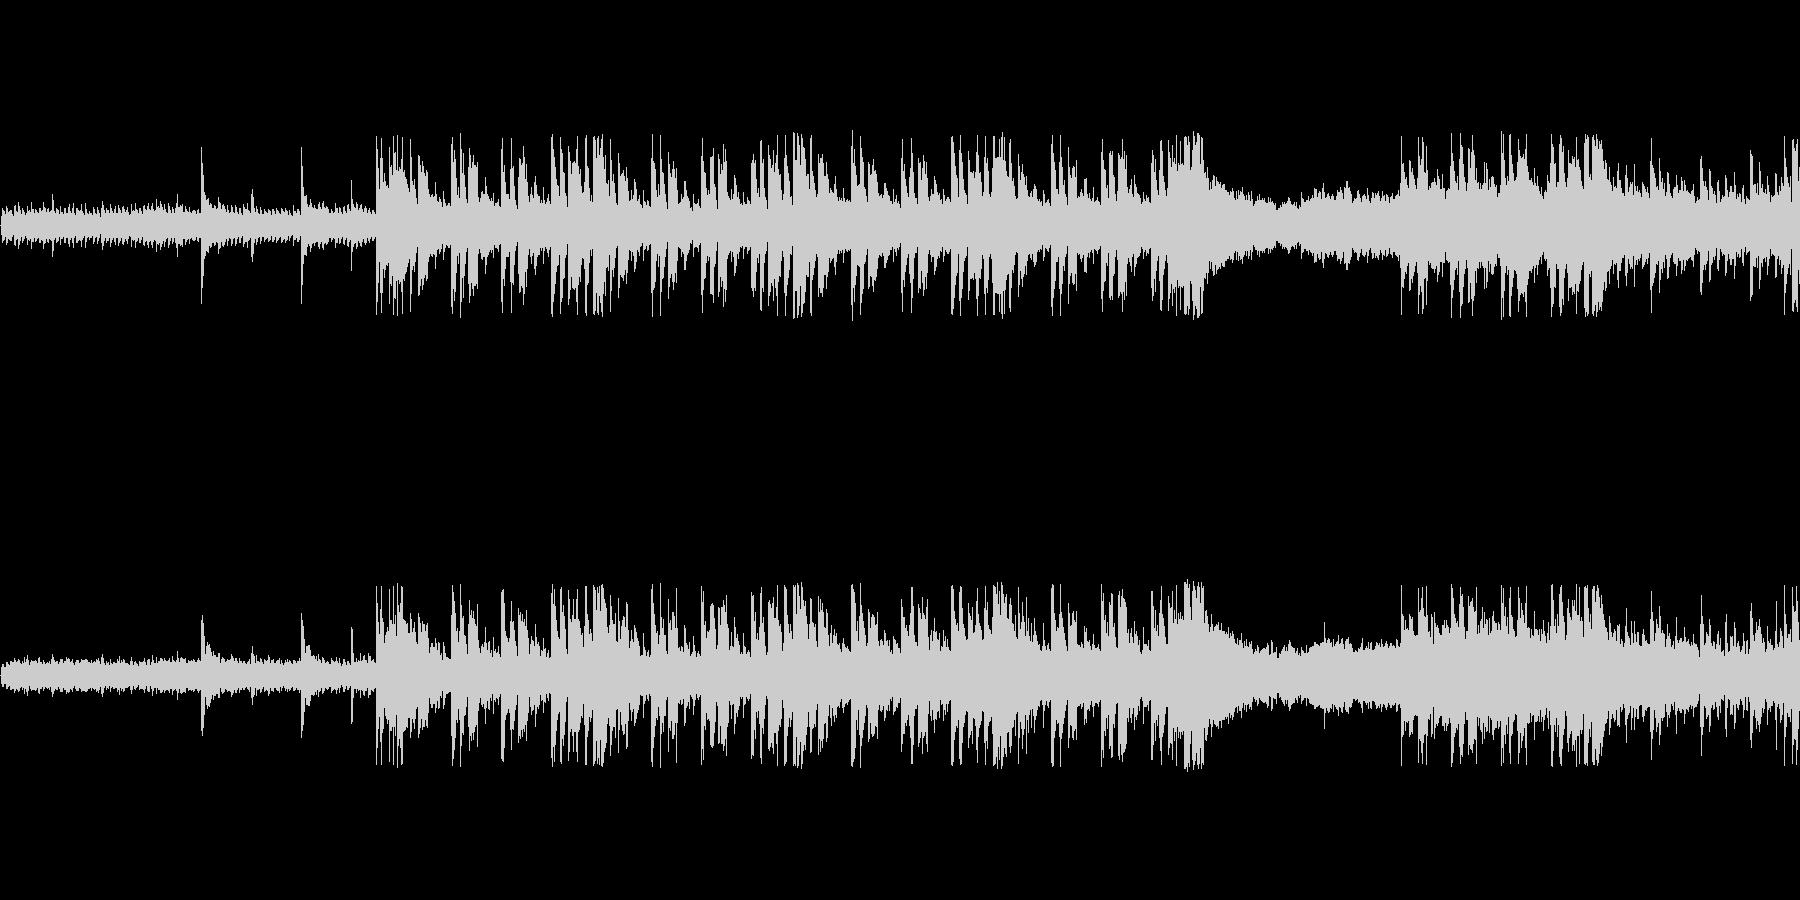 和風ループ音源【-20dBFS】の未再生の波形